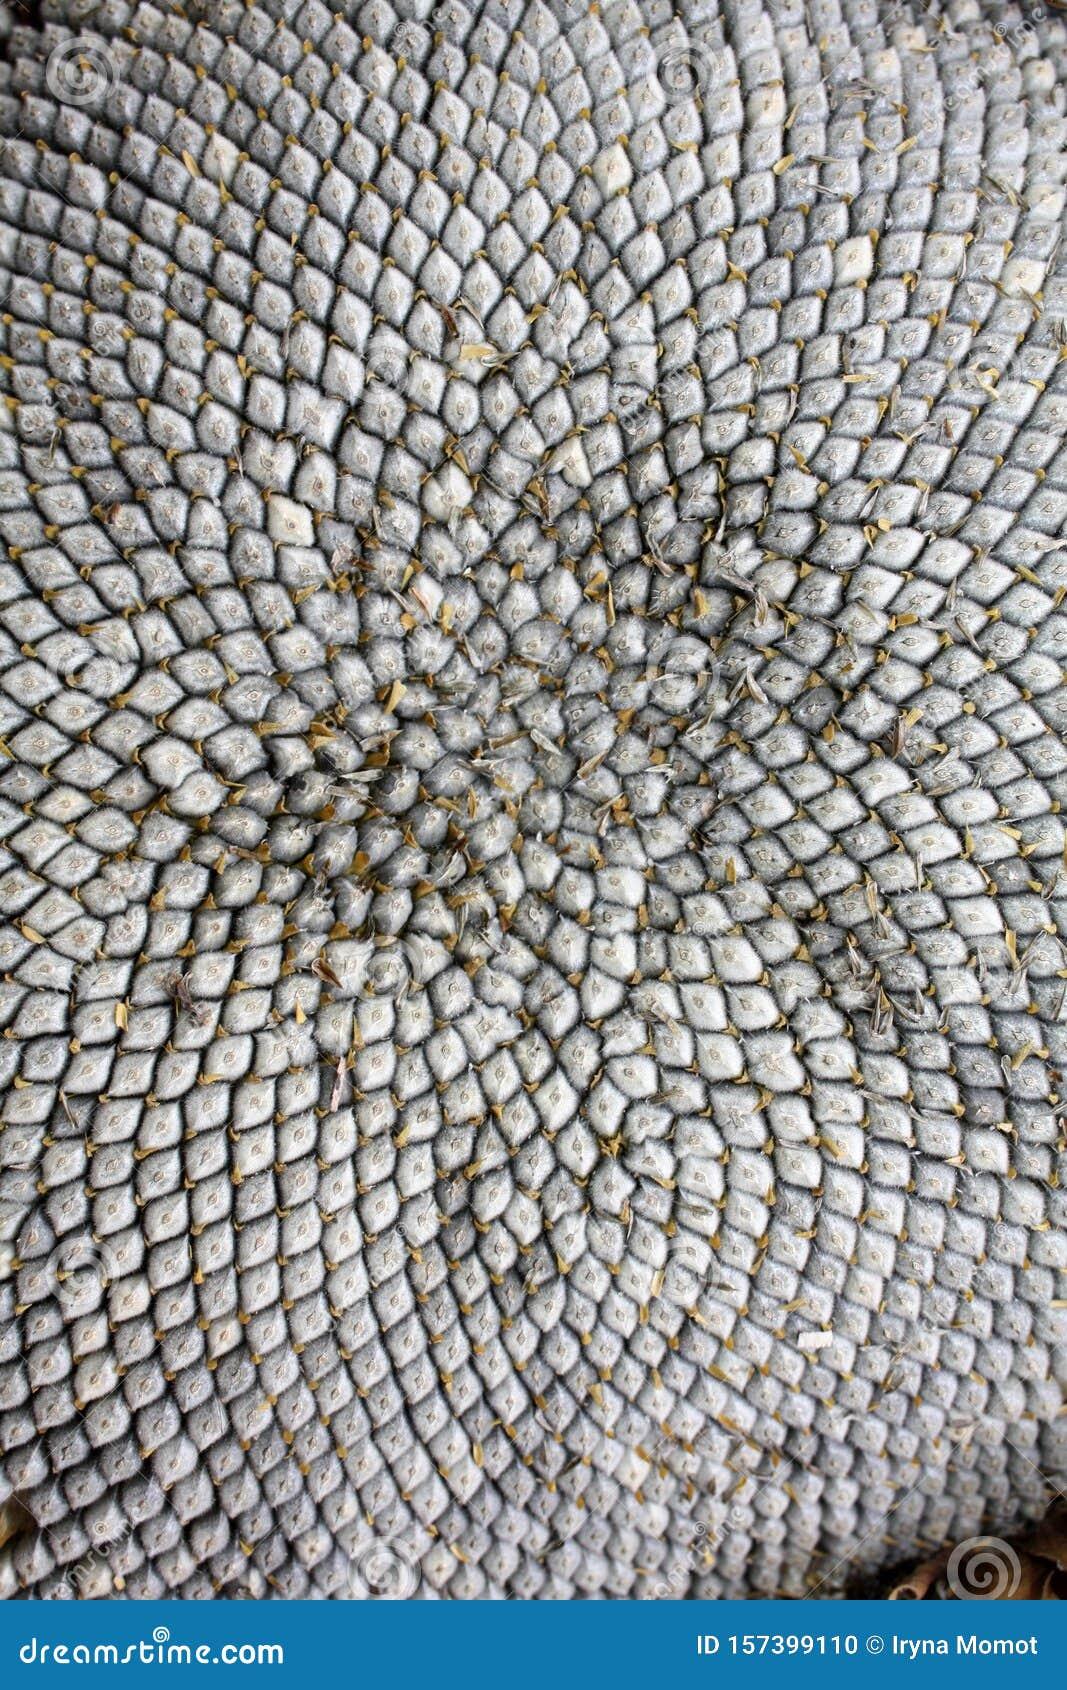 Sunflower Seeds Texture Wallpaper Macro Seeds The